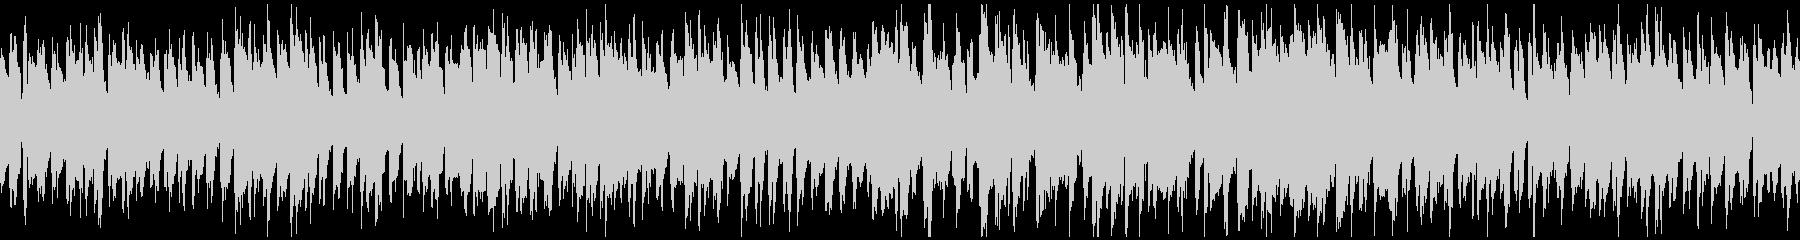 コミカルな行進っぽいリコーダー※ループ版の未再生の波形